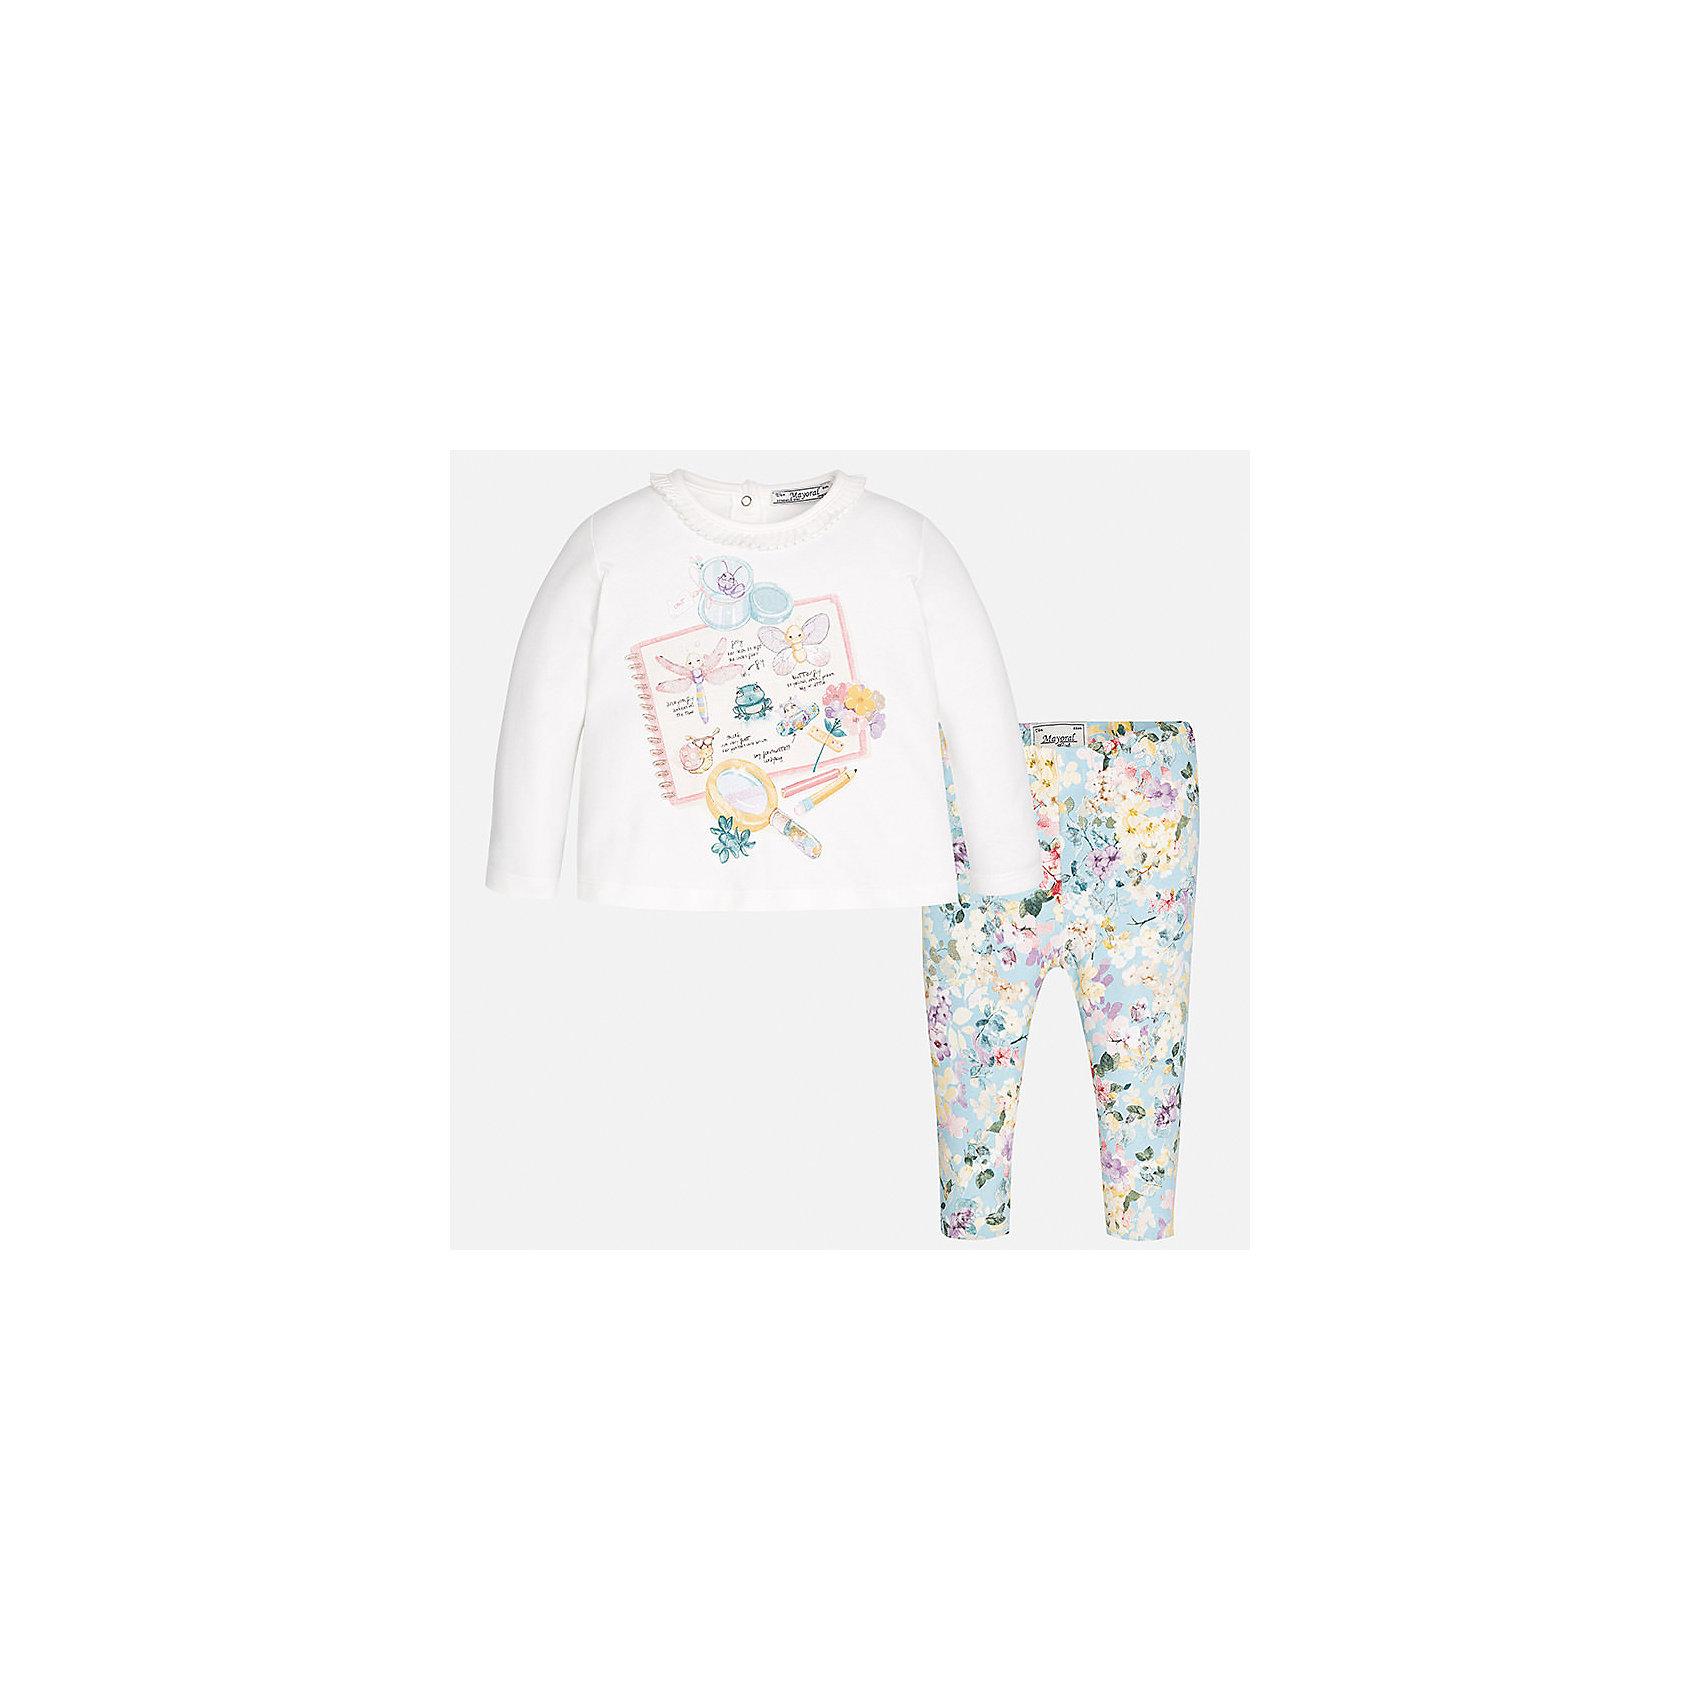 Комплект: футболка с длинным рукавом и леггинсы Mayoral для девочкиКомплекты<br>Характеристики товара:<br><br>• цвет: серый, белый<br>• состав ткани: 95% хлопок, 5% эластан<br>• комплект: лонгслив и леггинсы<br>• сезон: демисезон<br>• особенности: принт<br>• пояс: резинка<br>• длинные рукава<br>• застежка: кнопки<br>• страна бренда: Испания<br>• страна изготовитель: Индия<br><br>Детский комплект из лонгслива и леггинсов для девочки сделан из приятного на ощупь материала. Благодаря продуманному крою детского лонгслива создаются комфортные условия для тела. Леггинсы для девочки отличаются классическим дизайном.<br><br>Комплект: лонгслив и леггинсы для девочки Mayoral (Майорал) можно купить в нашем интернет-магазине.<br><br>Ширина мм: 123<br>Глубина мм: 10<br>Высота мм: 149<br>Вес г: 209<br>Цвет: серый<br>Возраст от месяцев: 24<br>Возраст до месяцев: 36<br>Пол: Женский<br>Возраст: Детский<br>Размер: 98,74,80,86,92<br>SKU: 6920422